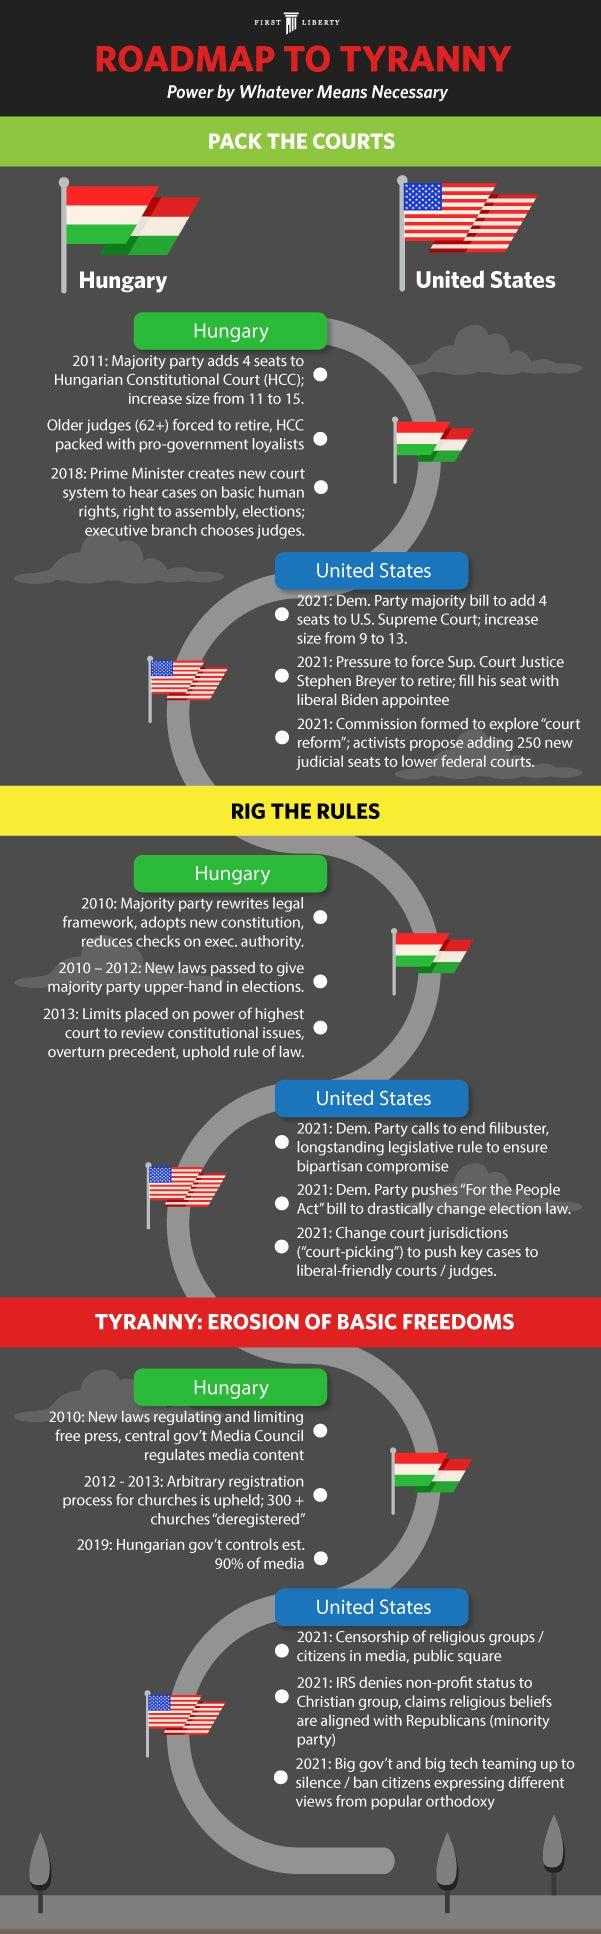 Road To Tyranny Roadmap